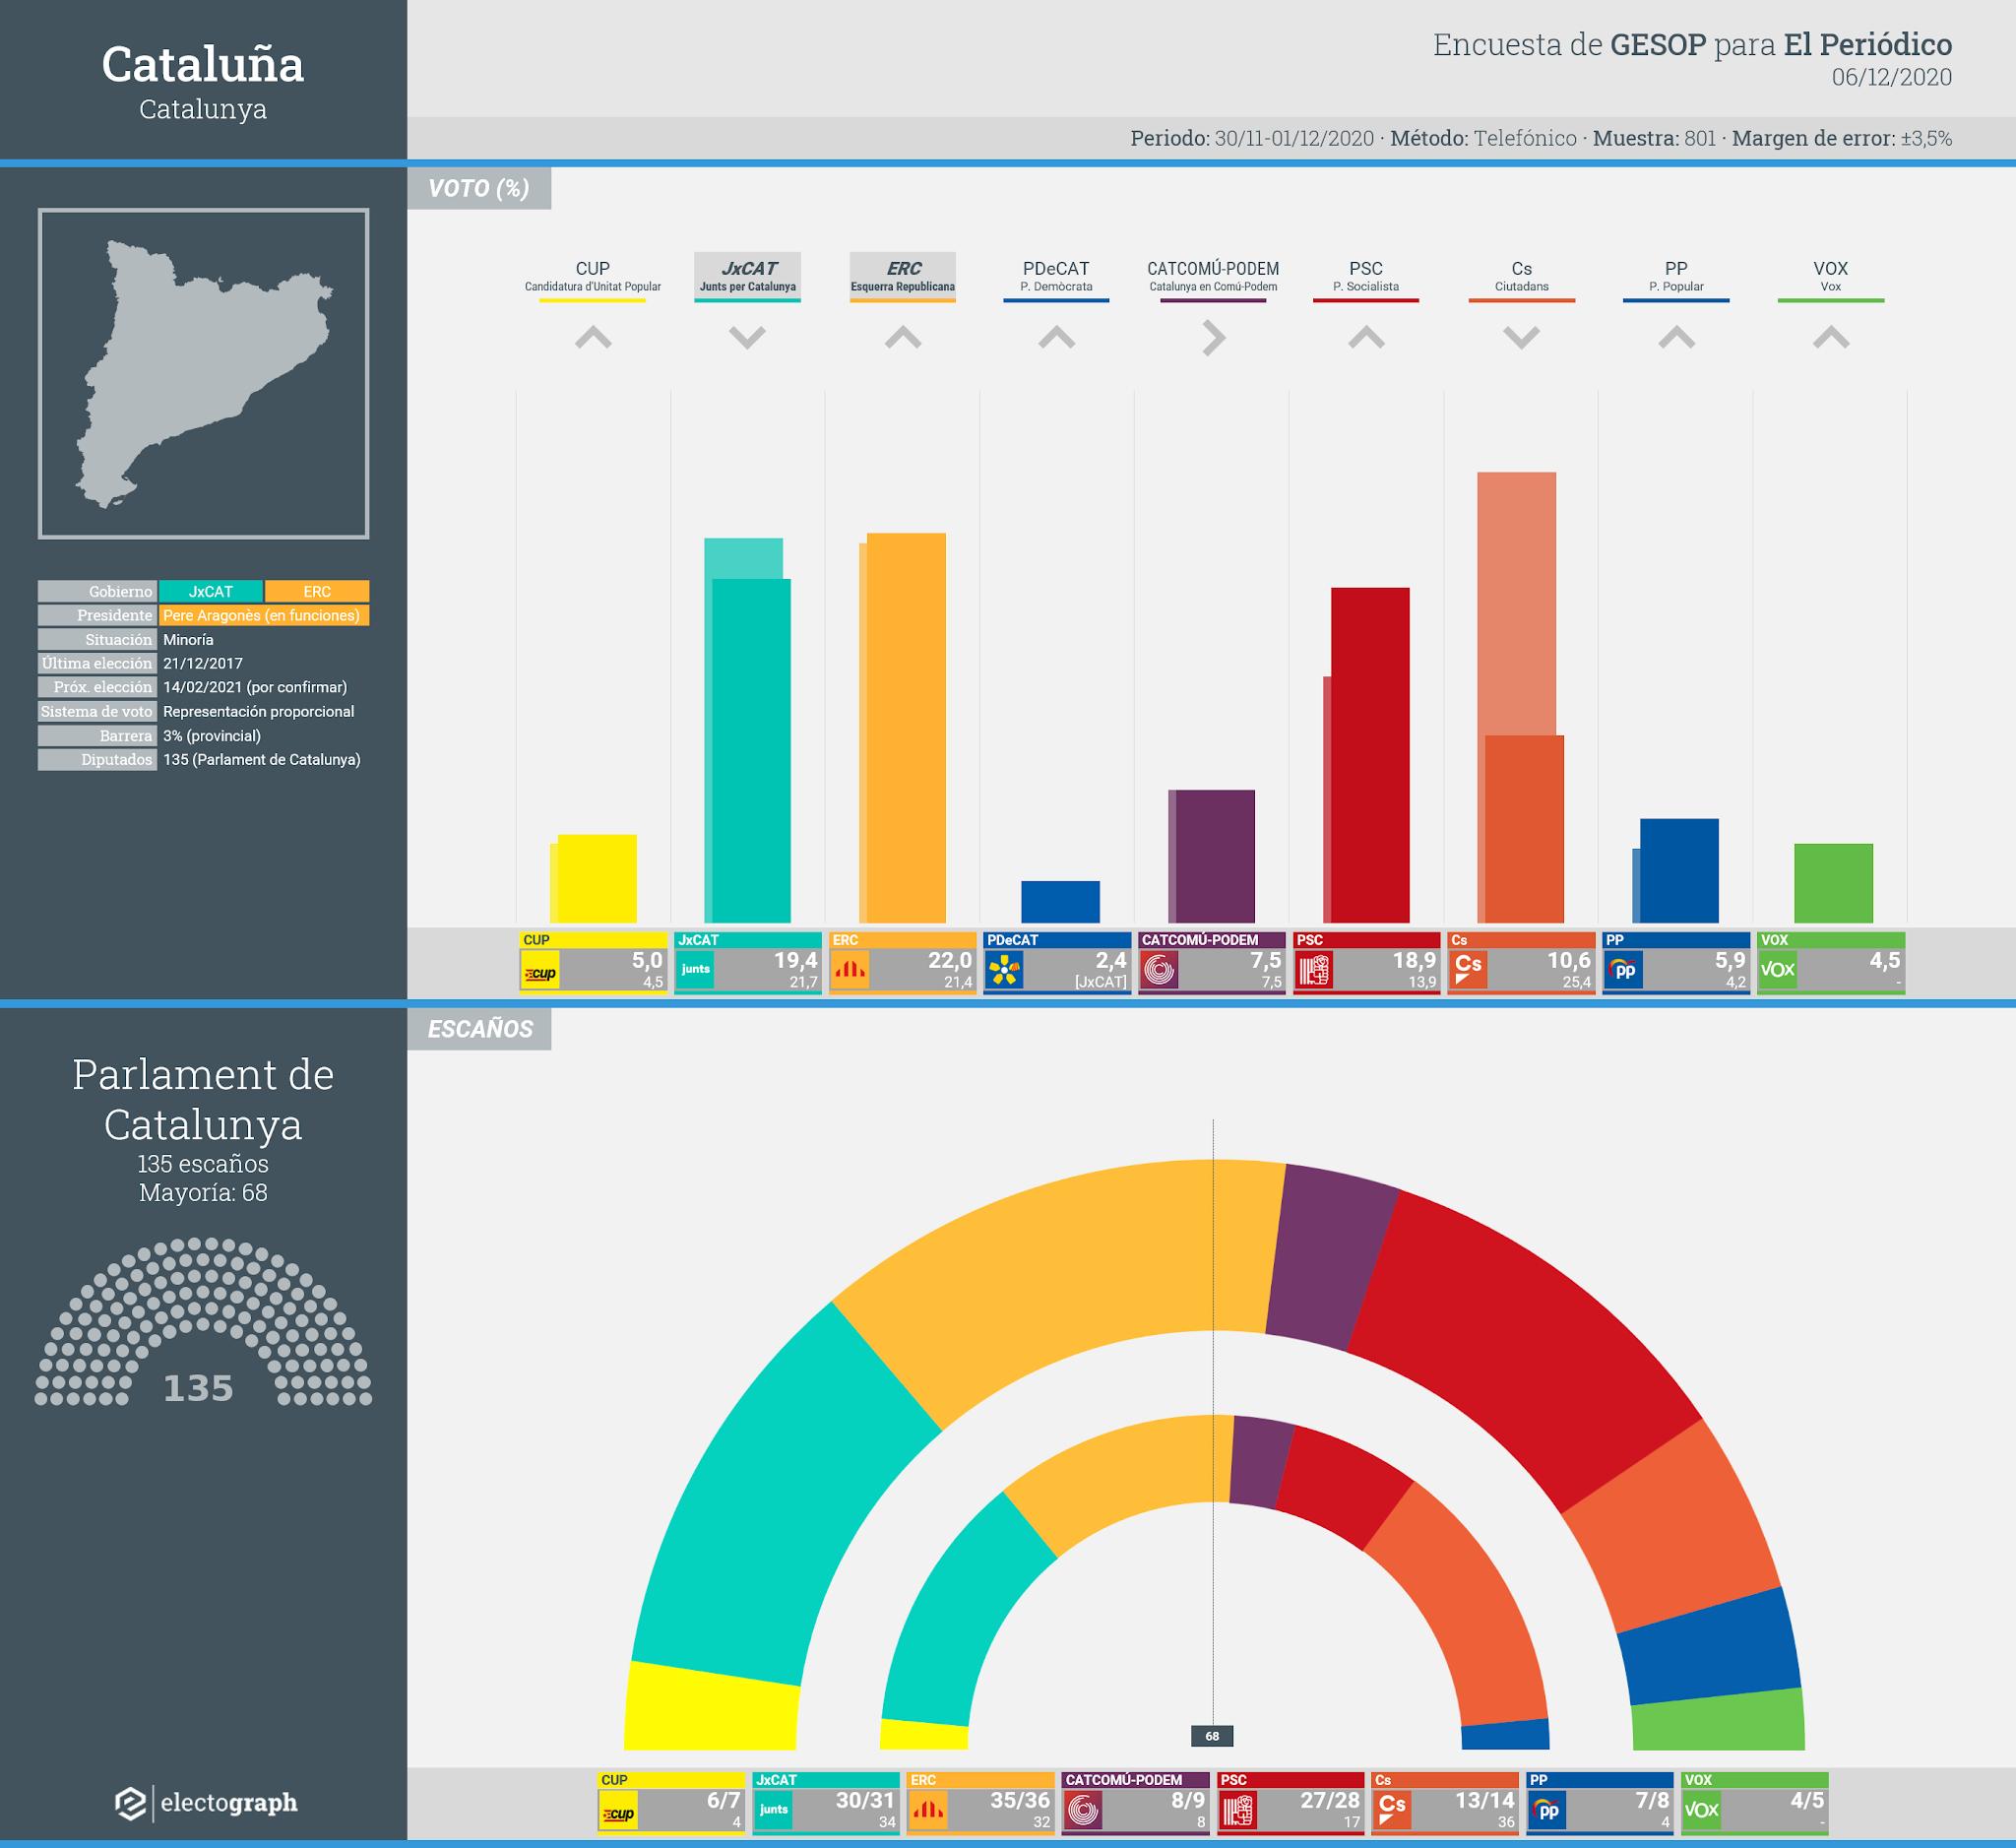 Gráfico de la encuesta para elecciones autonómicas en Cataluña realizada por GESOP para El Periódico, 6 de diciembre de 2020